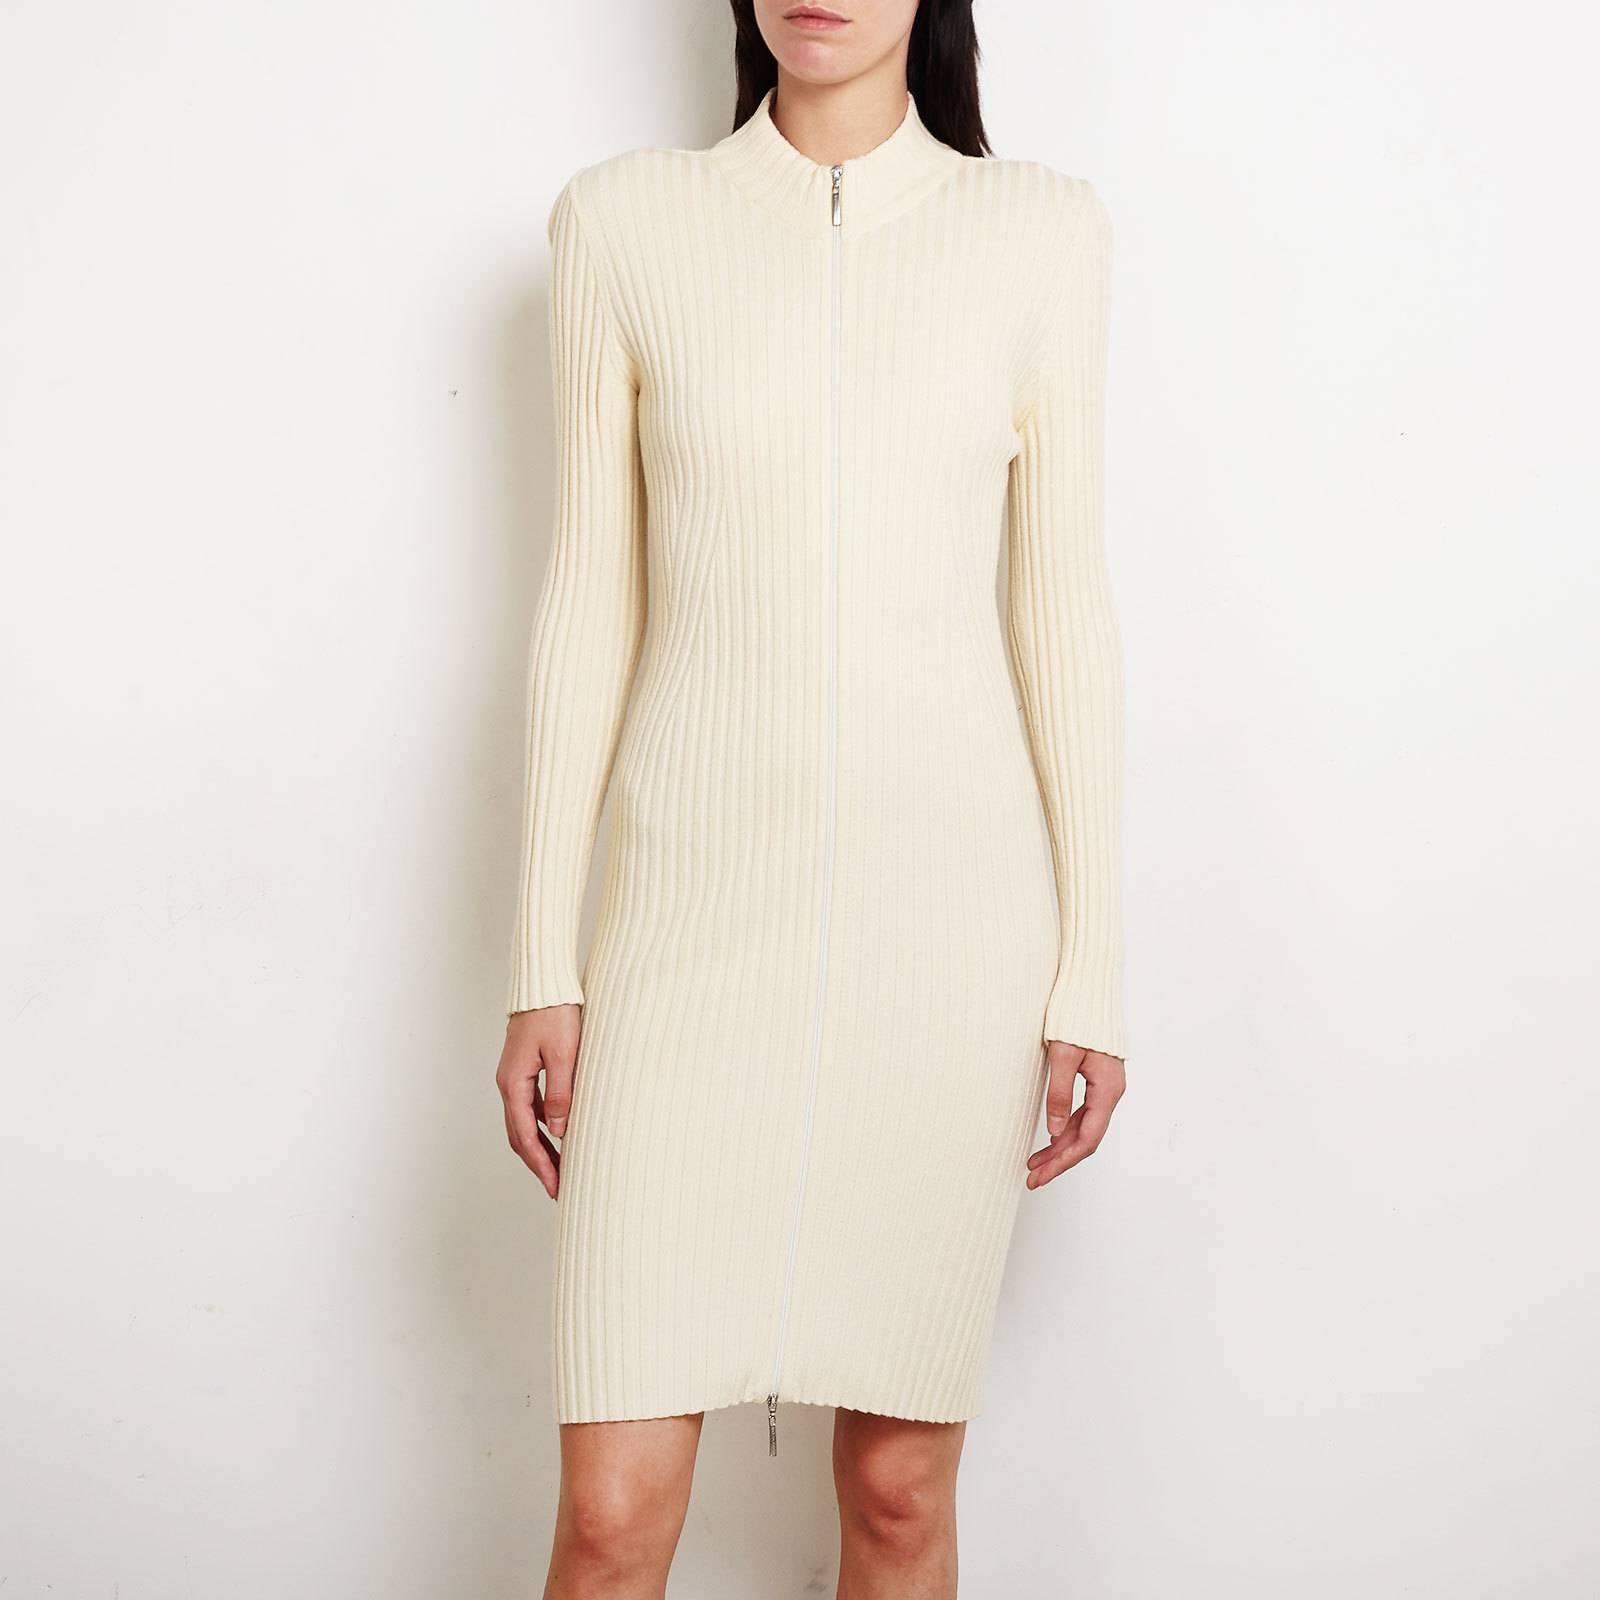 936729a9c0ce Купить платье Wolford в Москве с доставкой по цене 7000 рублей ...